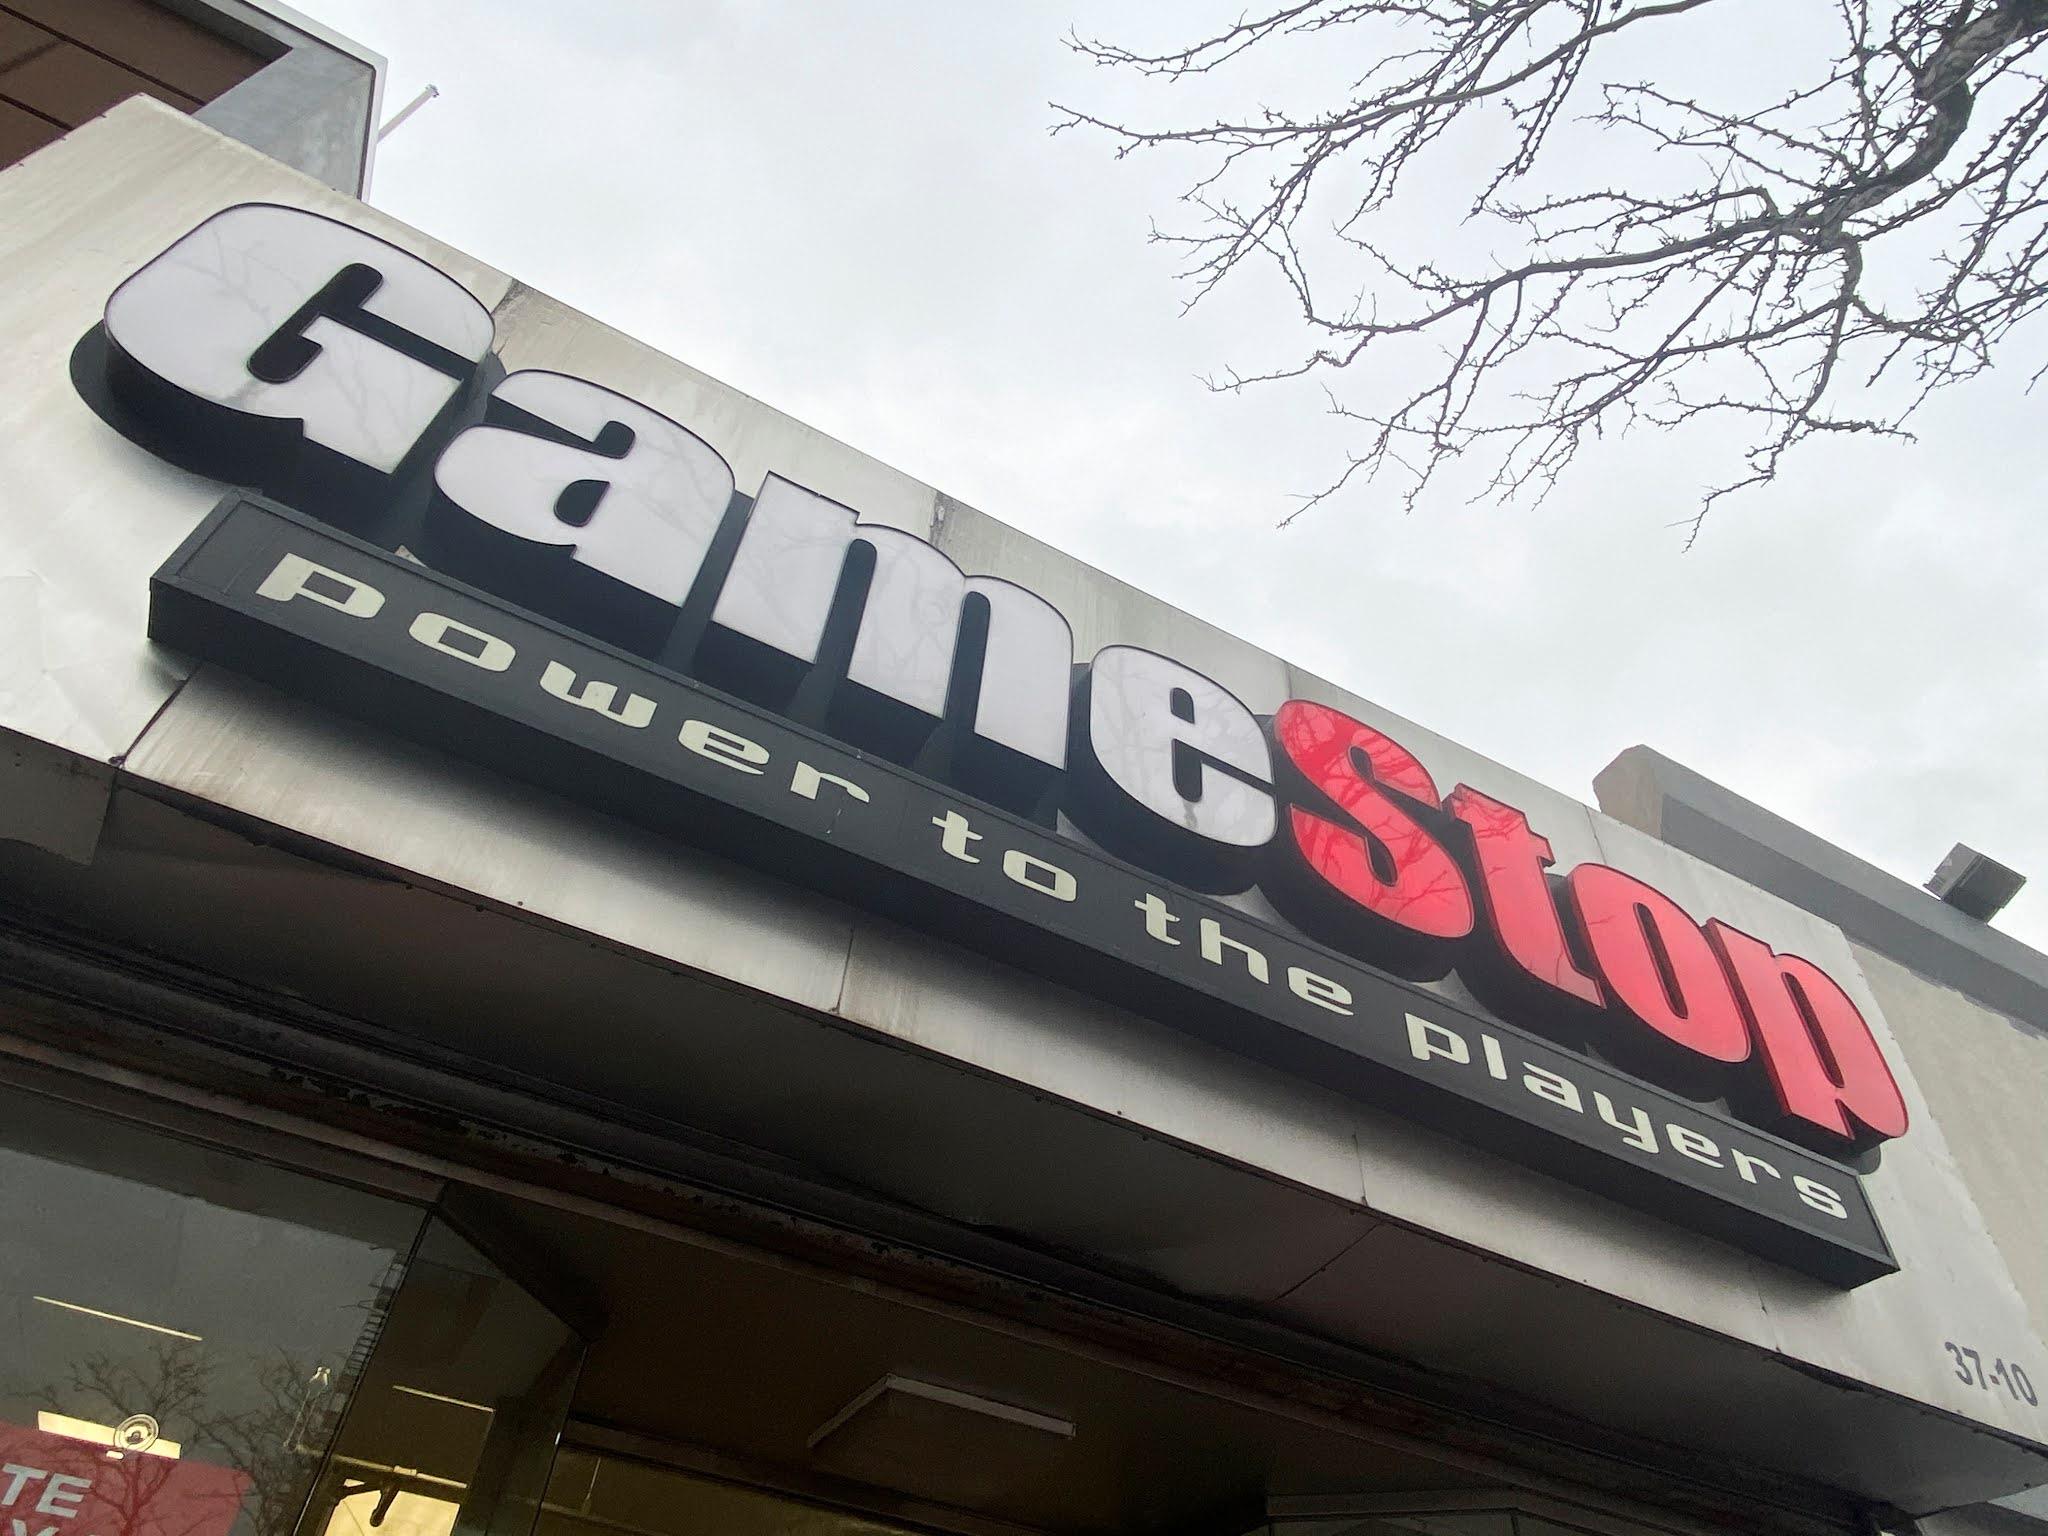 Las claves para entender el fenómeno de GameStop que ha sacudido a Wall Street